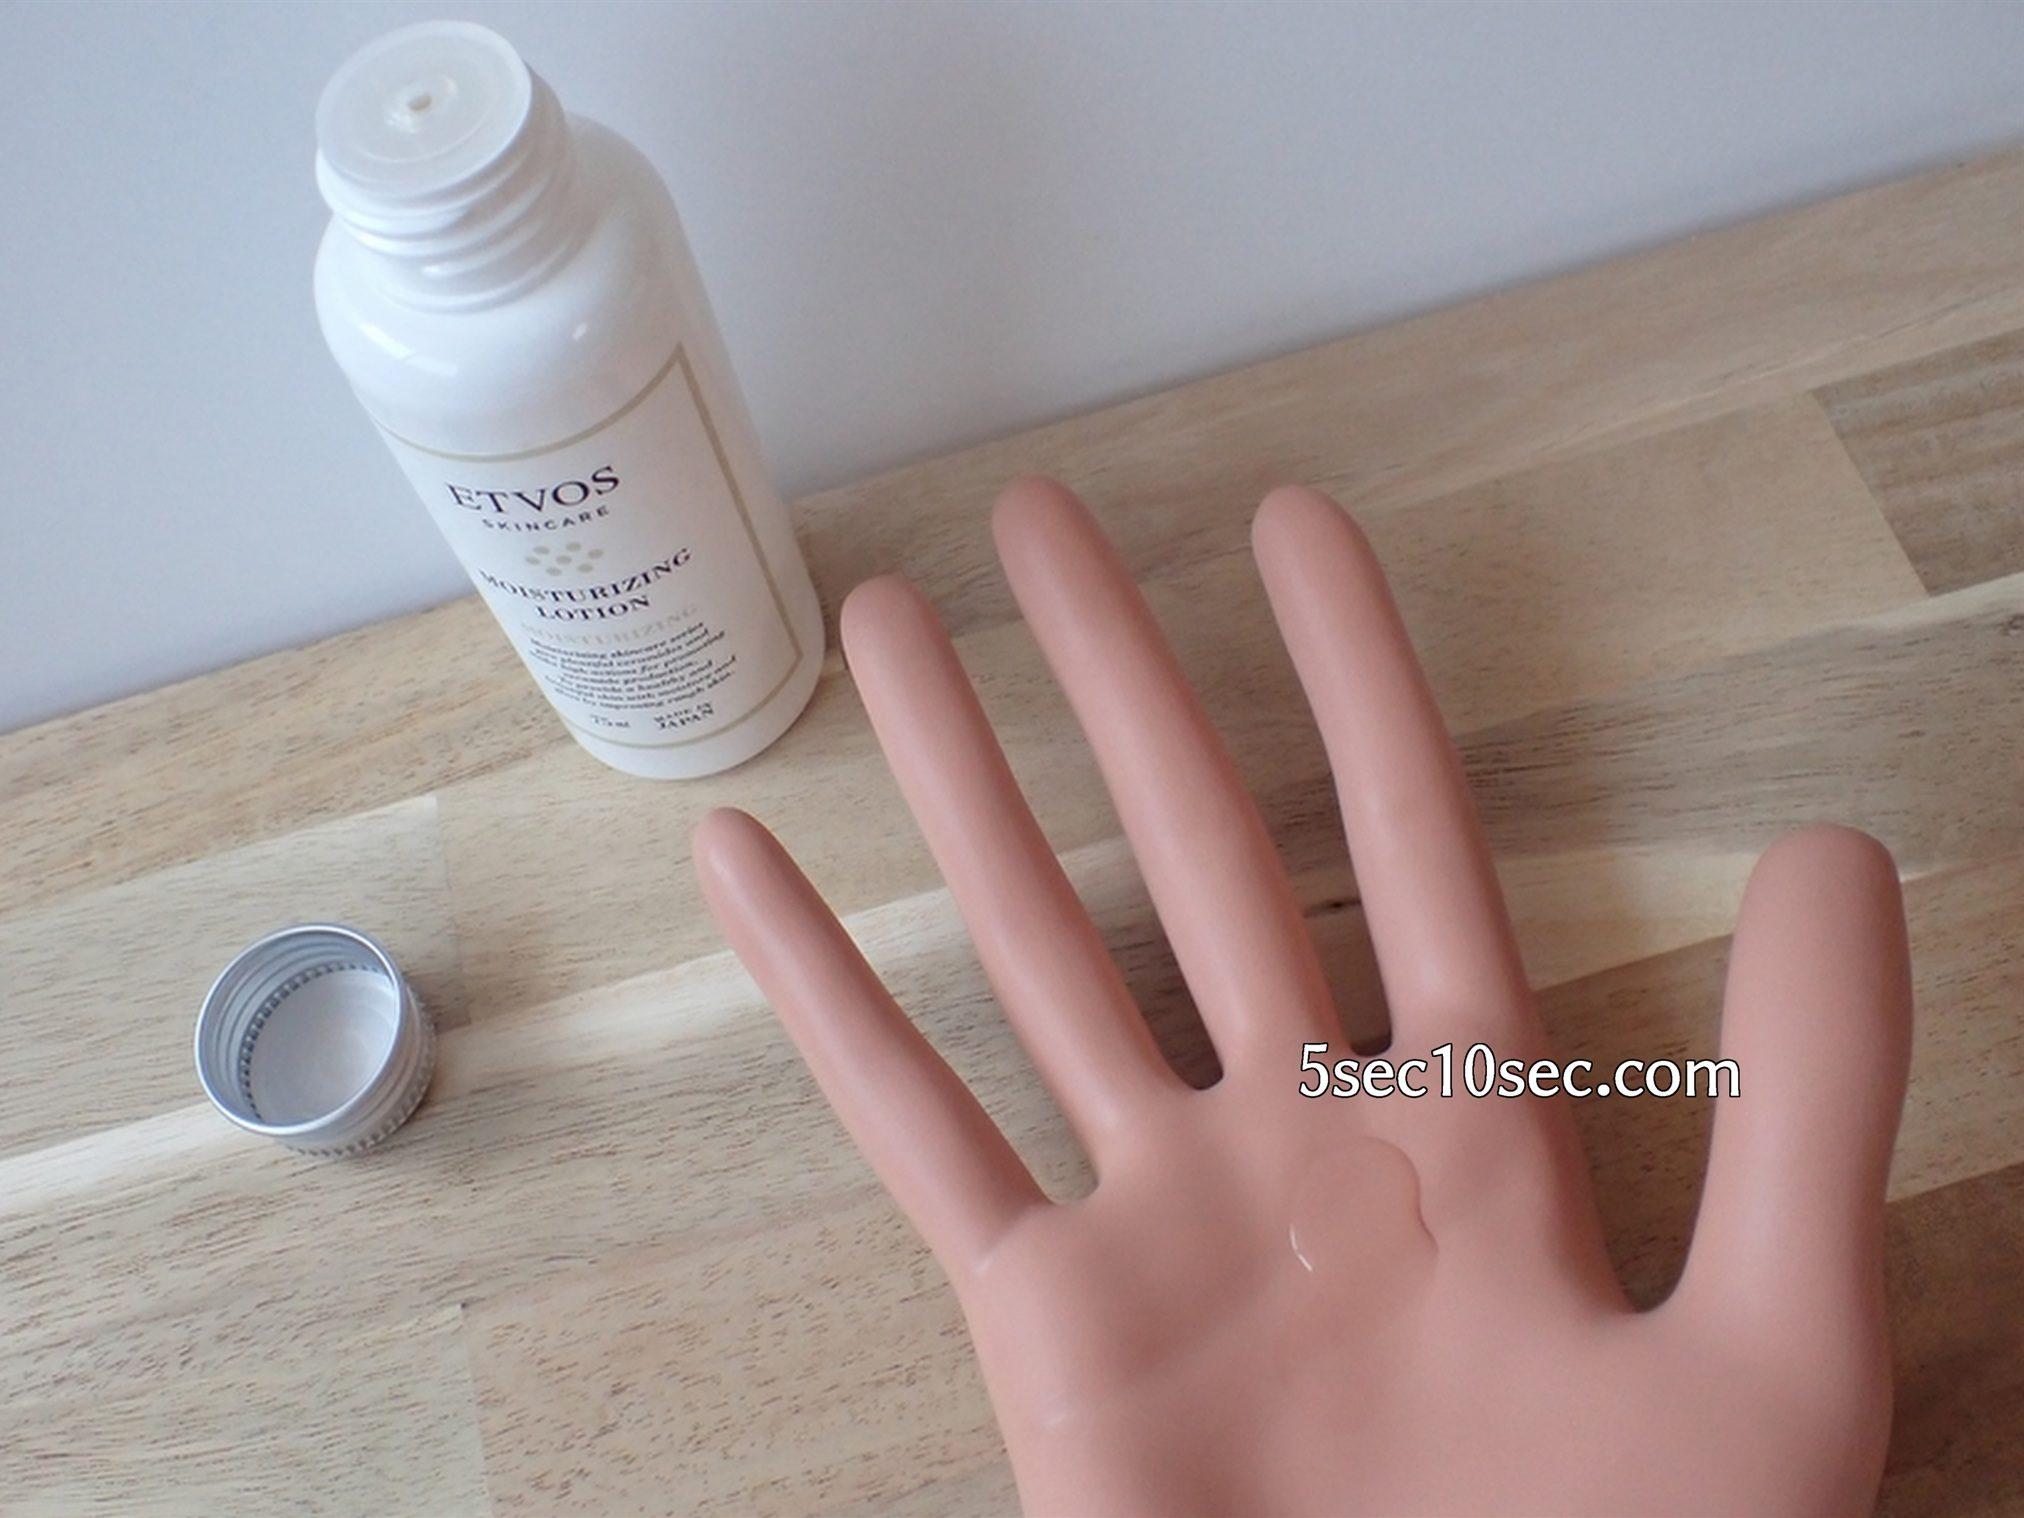 エトヴォス ETVOS モイスチャライジングローションS モイスチャライジングセラムS モイスチャーラインSサイズセット 保湿化粧水 ハンドマネキンで手に出した時のテクスチャーを表現しました